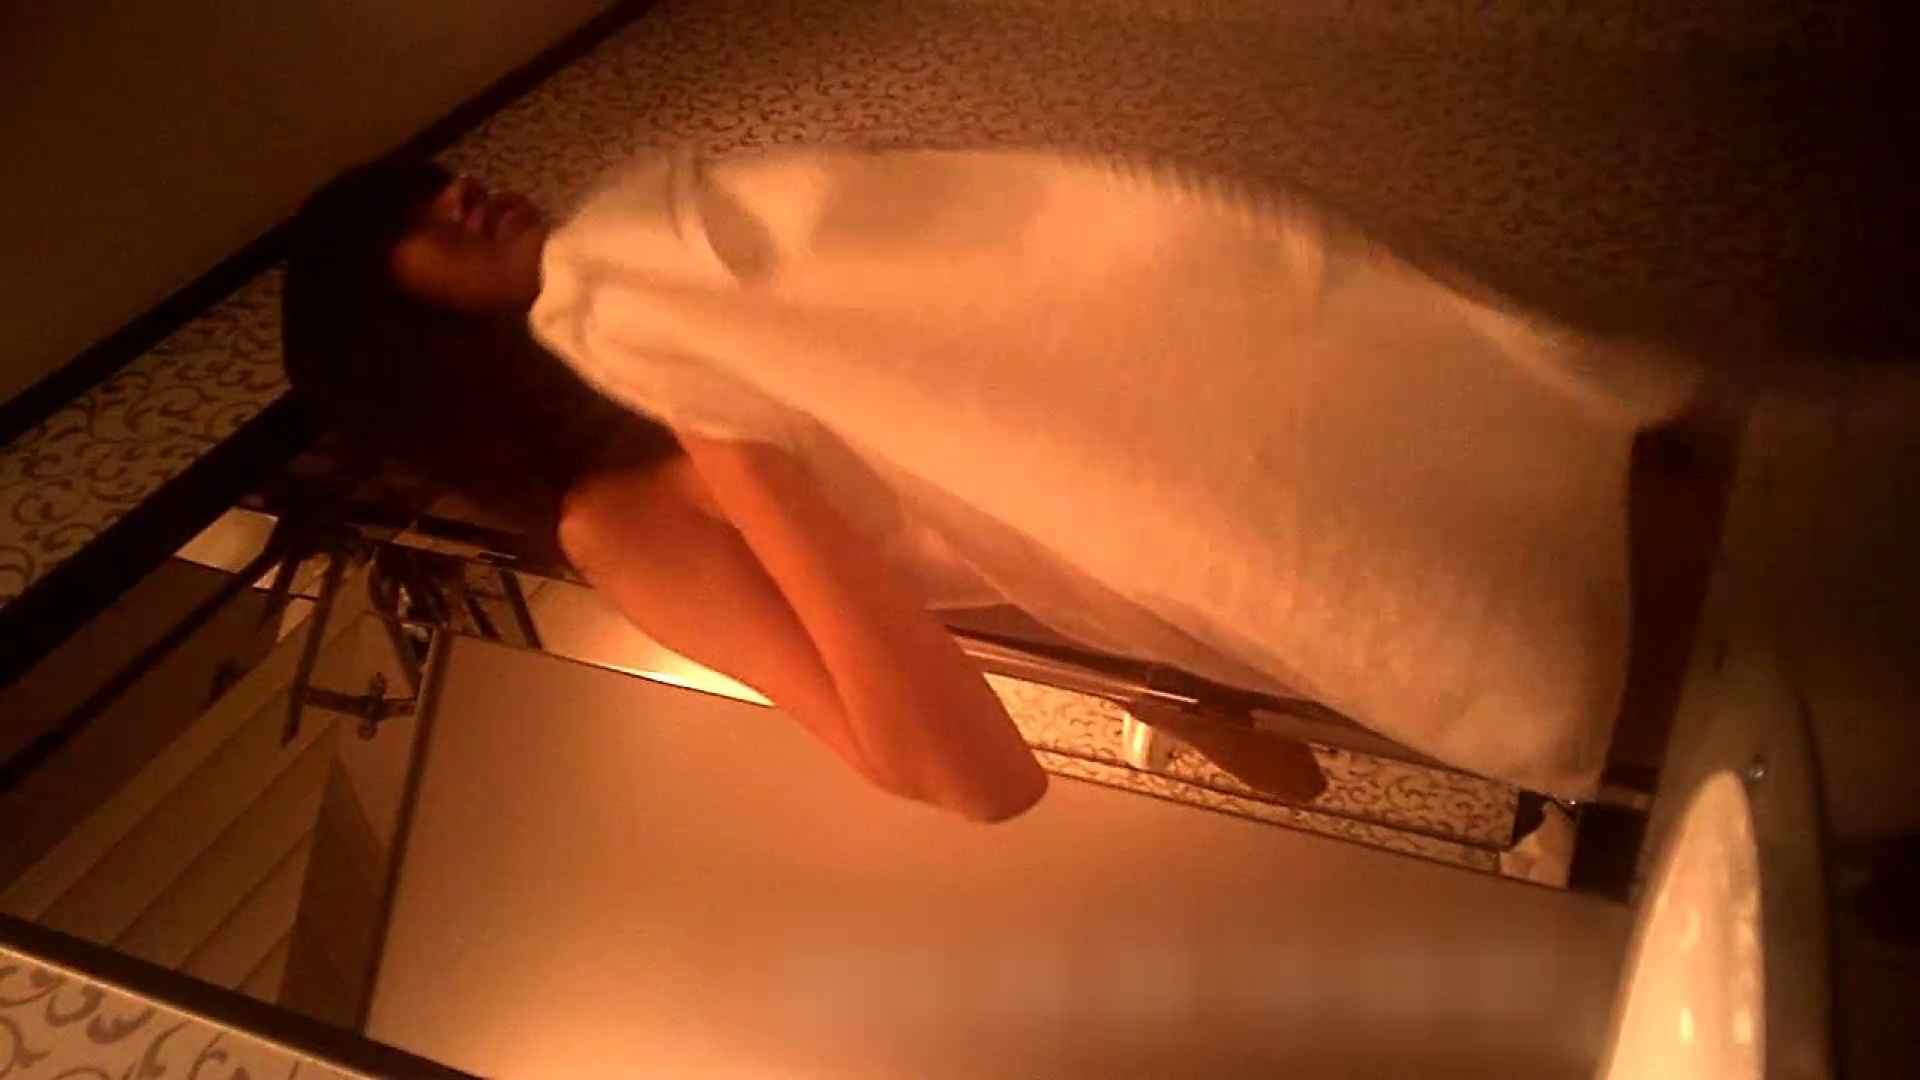 ▲2017_13位▲ 学園アイドル美人女子大生❷(下巻)5人詰合せVol.50 セックスする女性達 AV無料動画キャプチャ 64画像 10